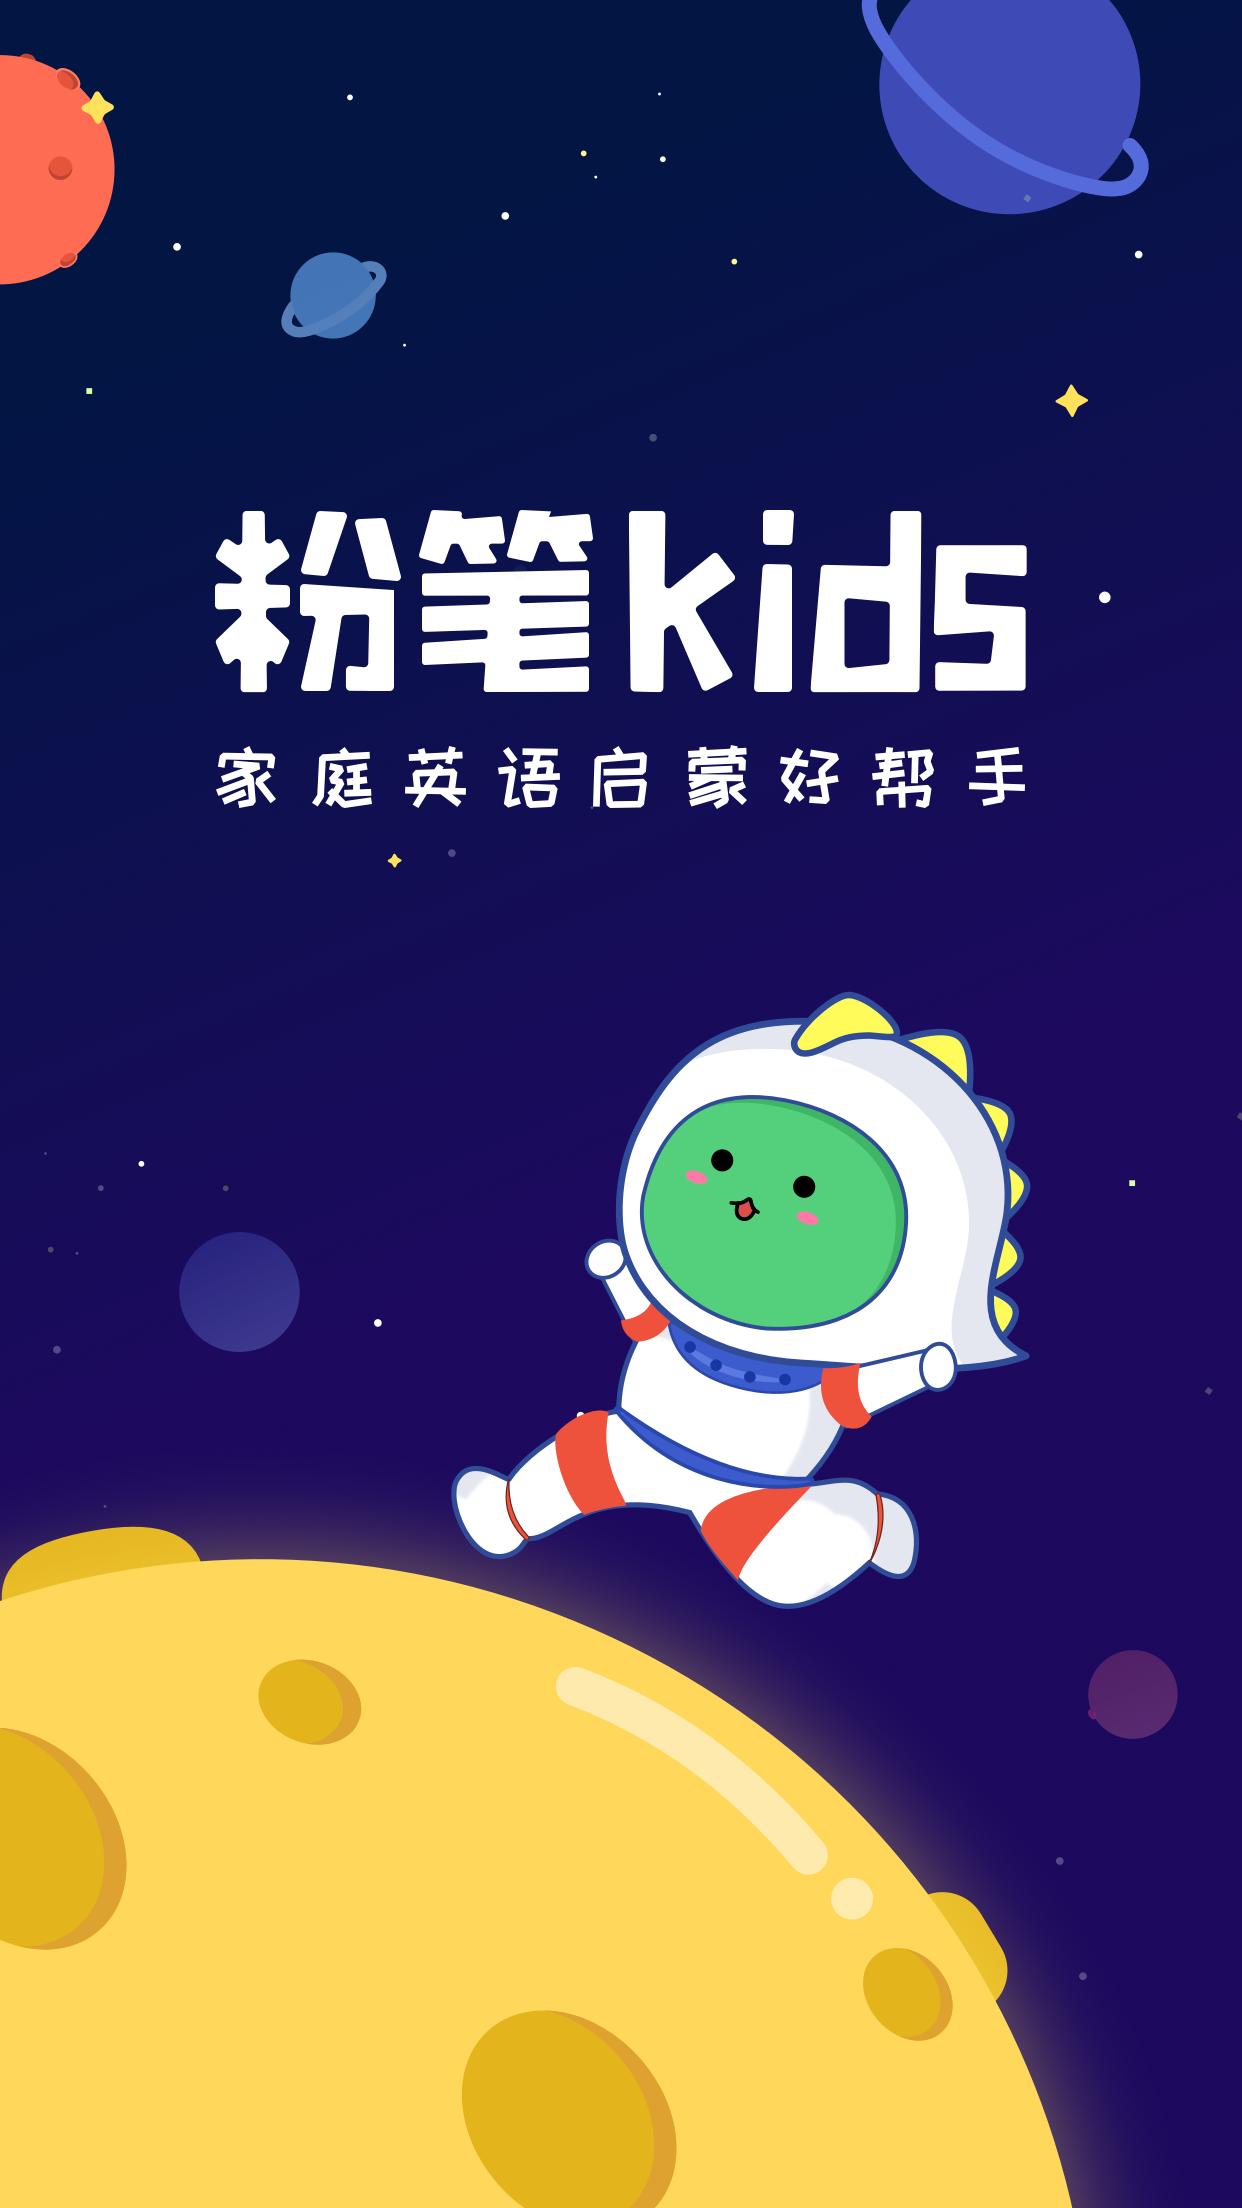 粉笔Kids V1.0.1 安卓版截图1